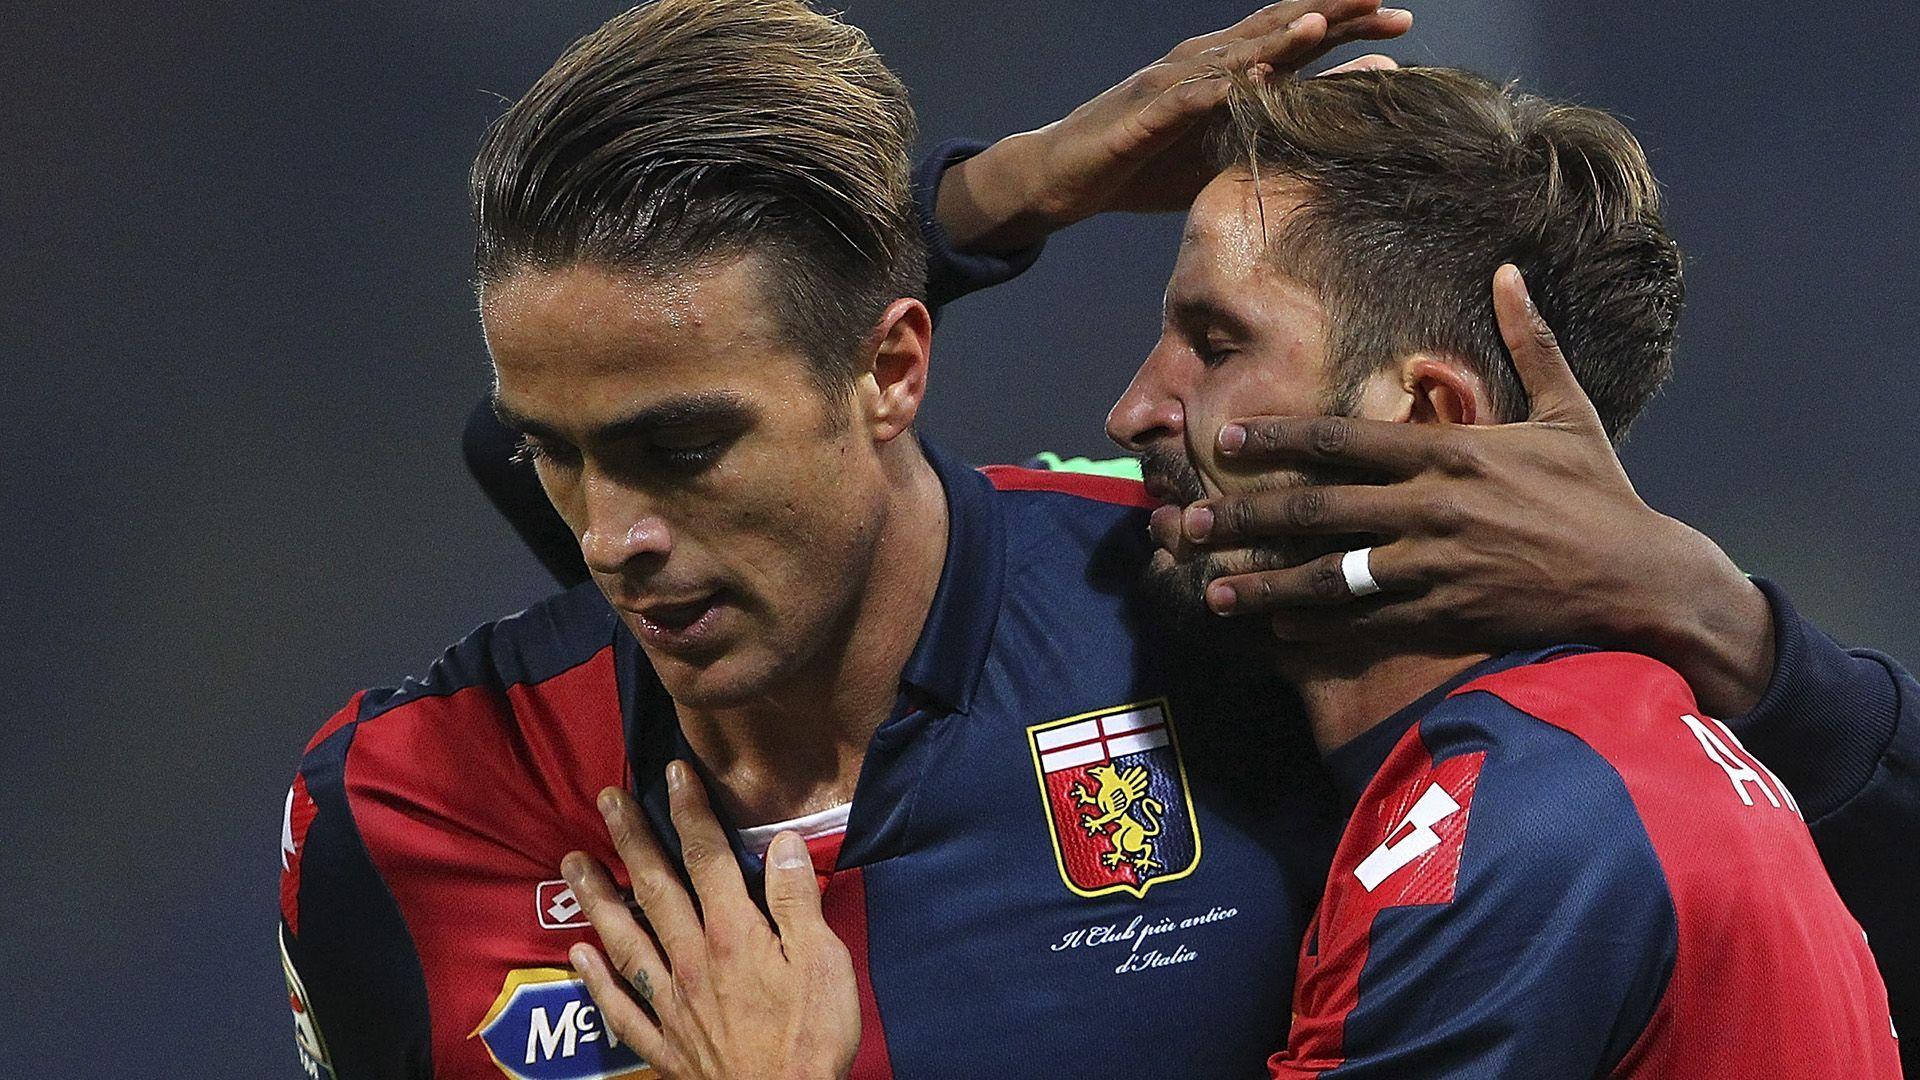 Probabili formazioni 14^giornata Serie A 2014-2015